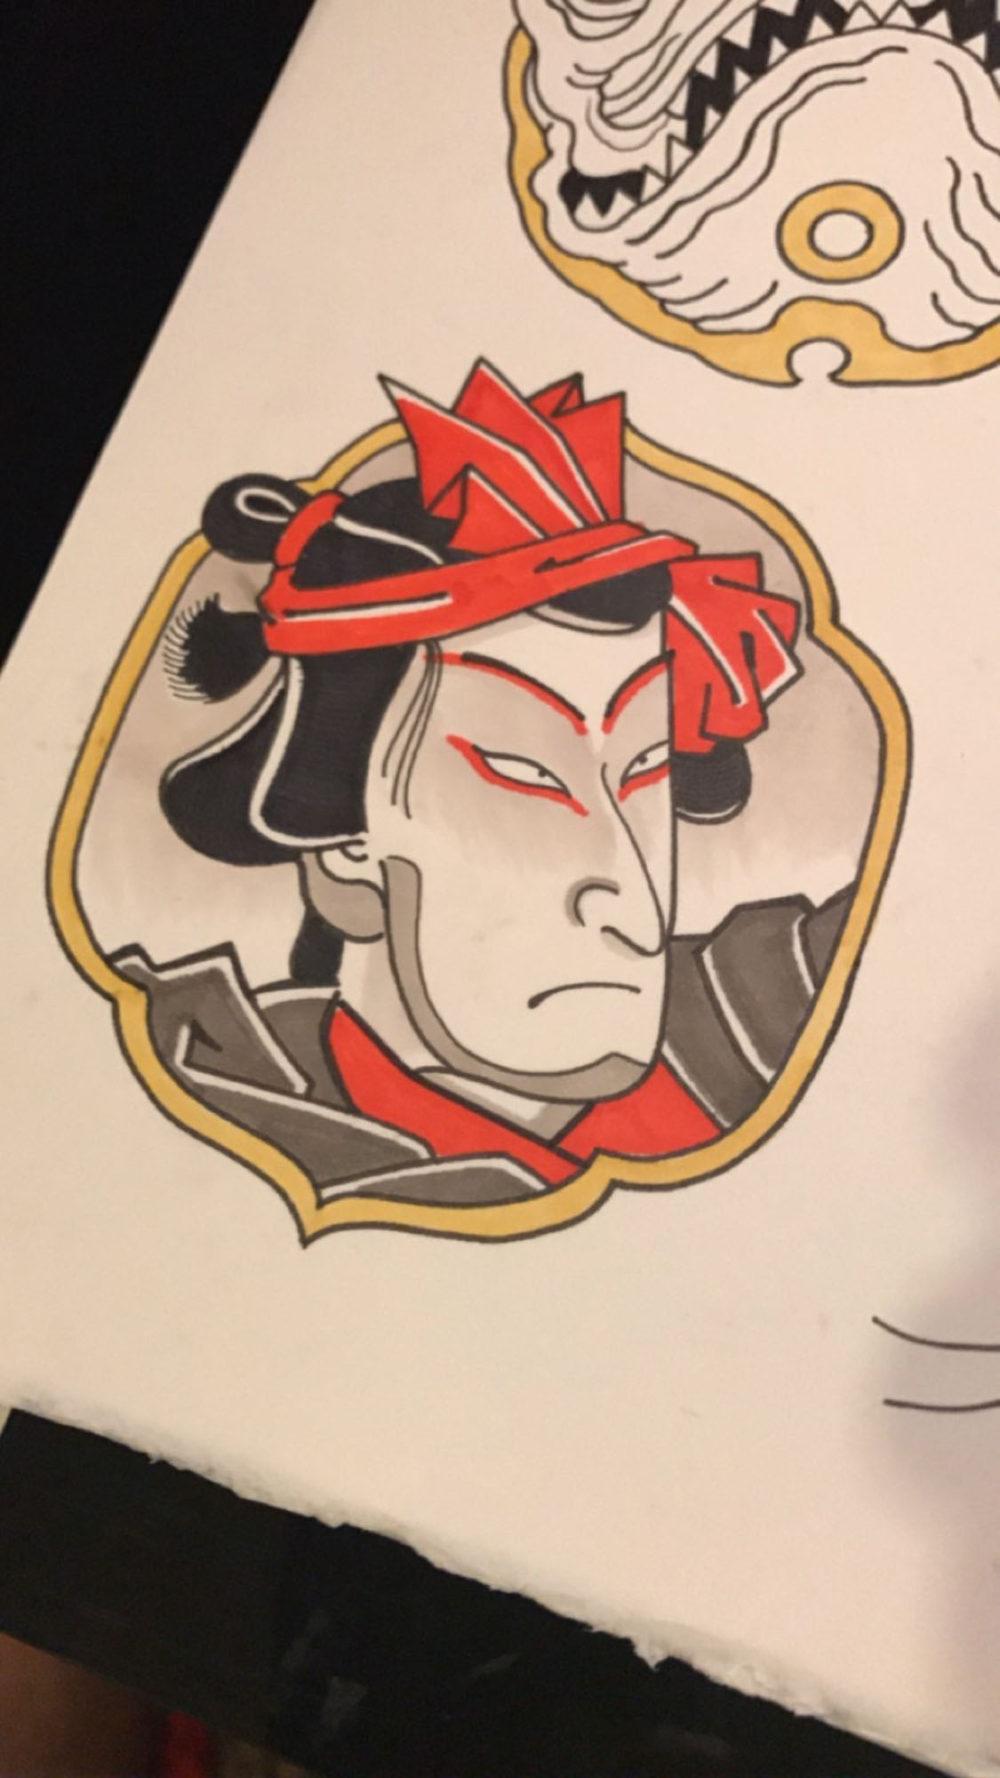 Man Tsuba Tattoo Illustration